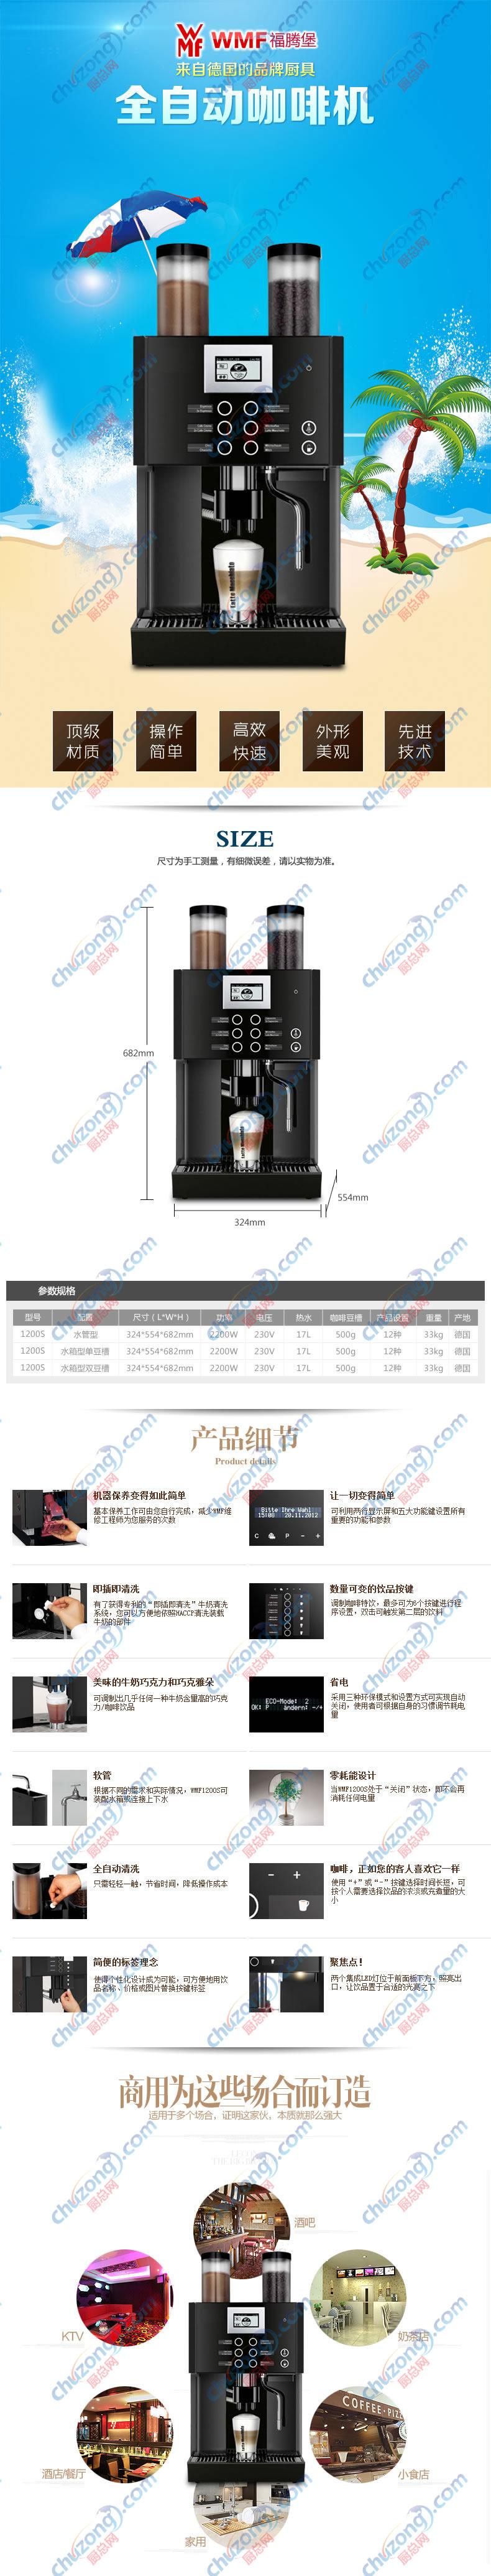 德國福騰堡WMF咖啡機1200S詳情圖